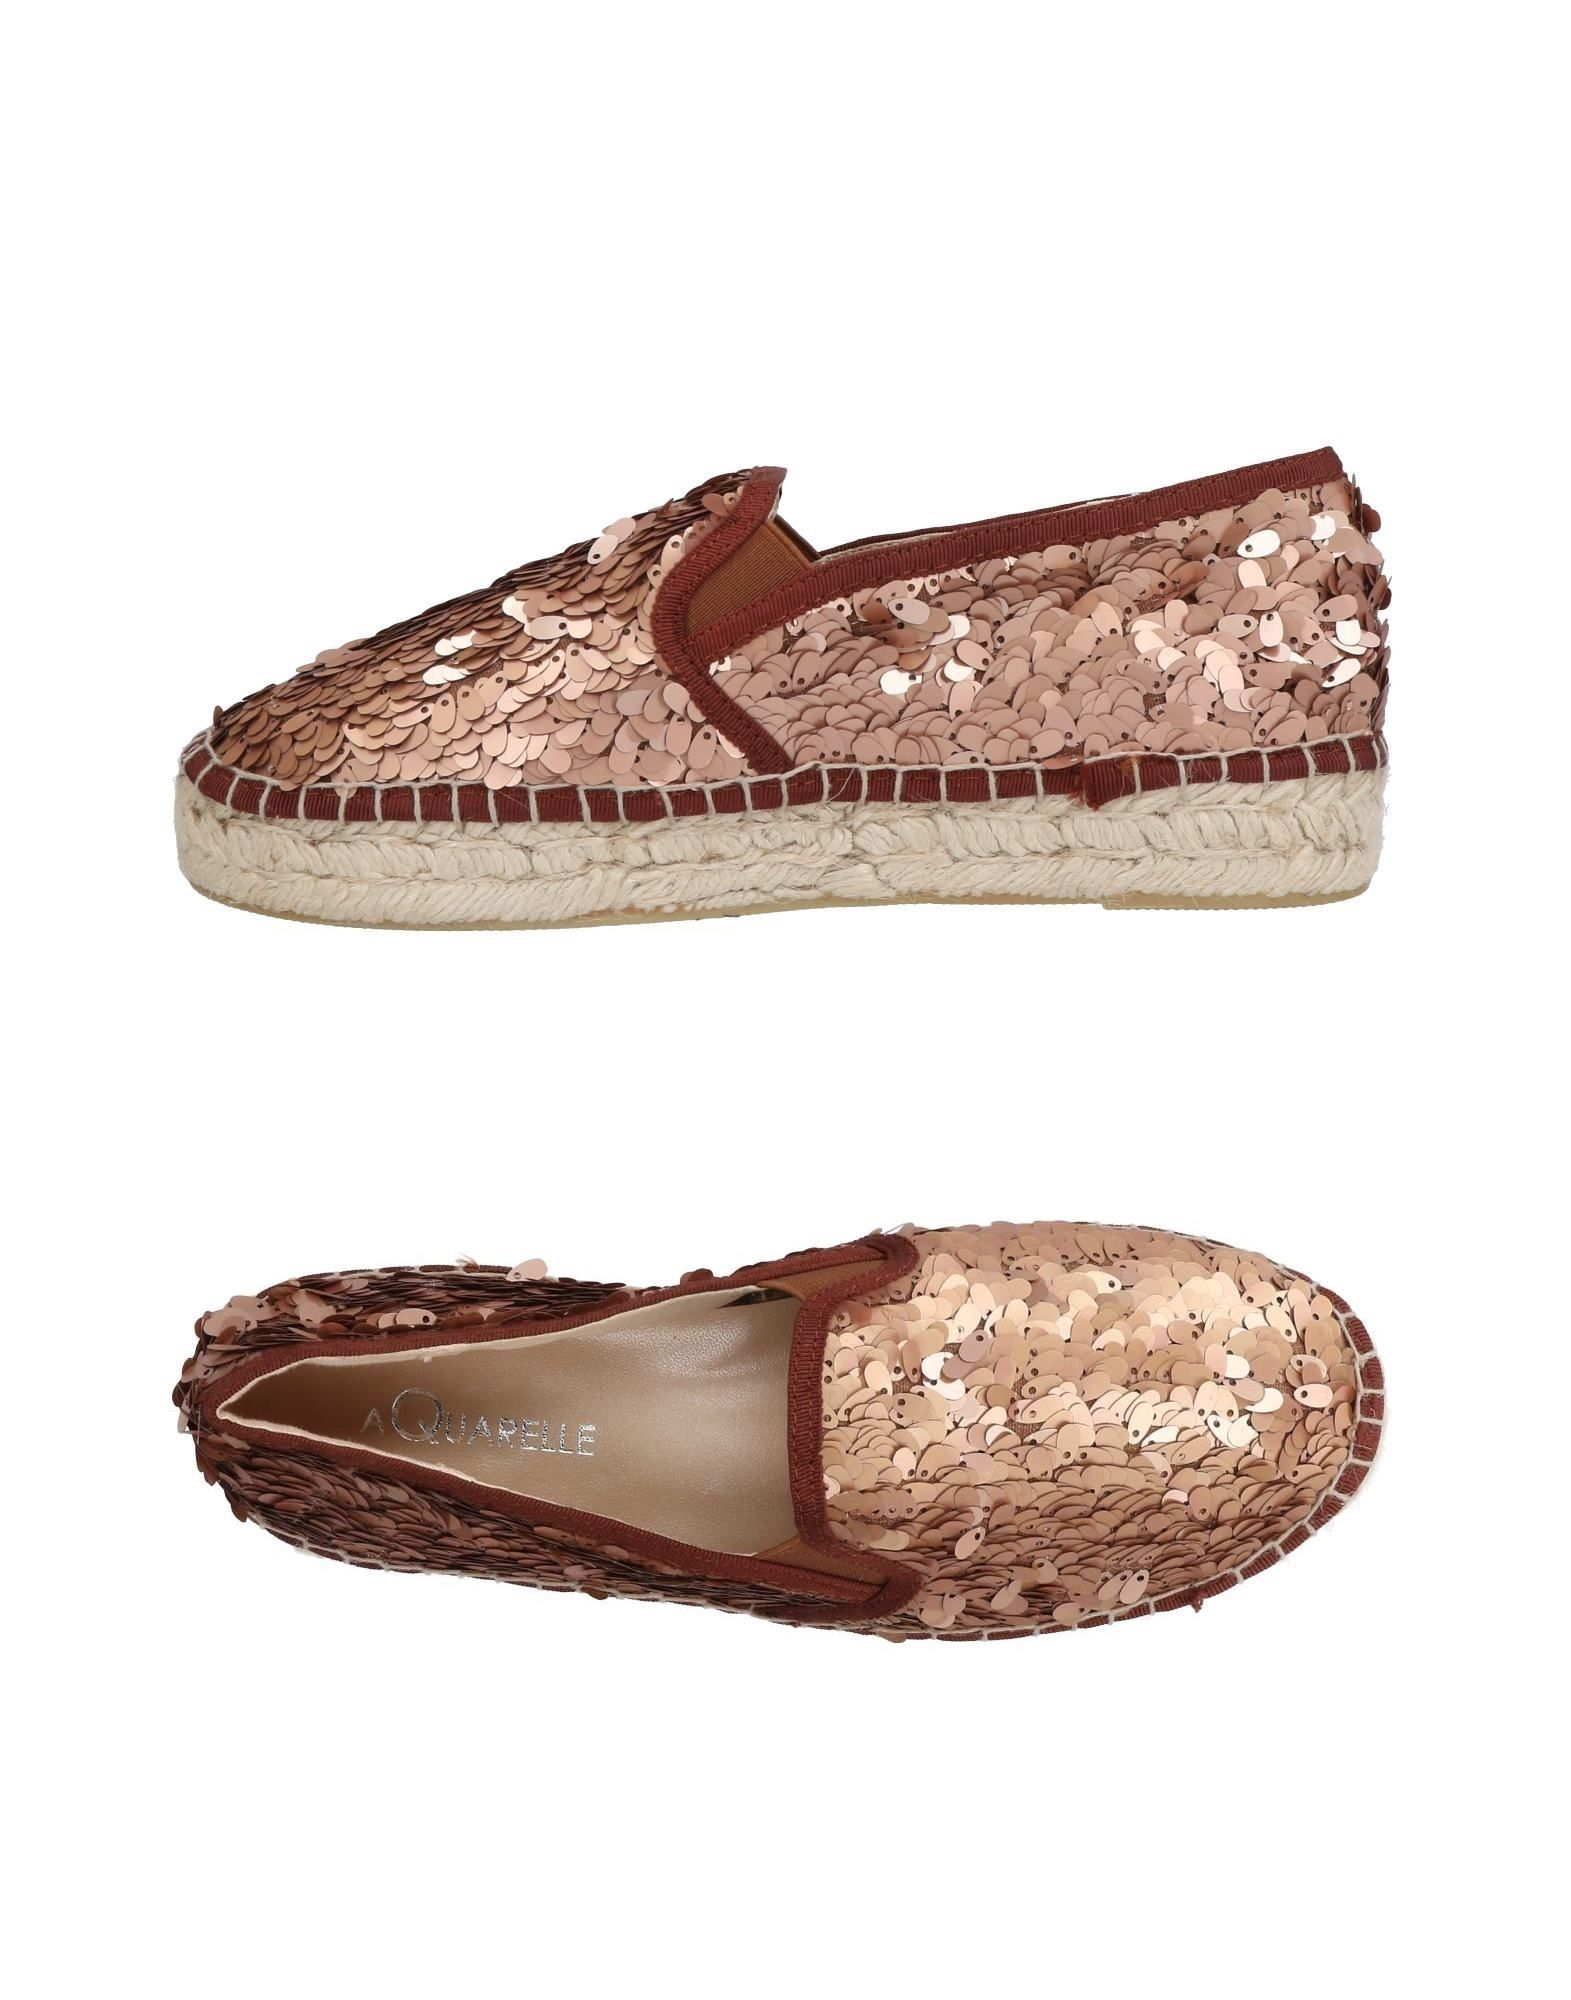 Aquarelle Espadrilles Damen  11471663JV Gute Qualität beliebte Schuhe